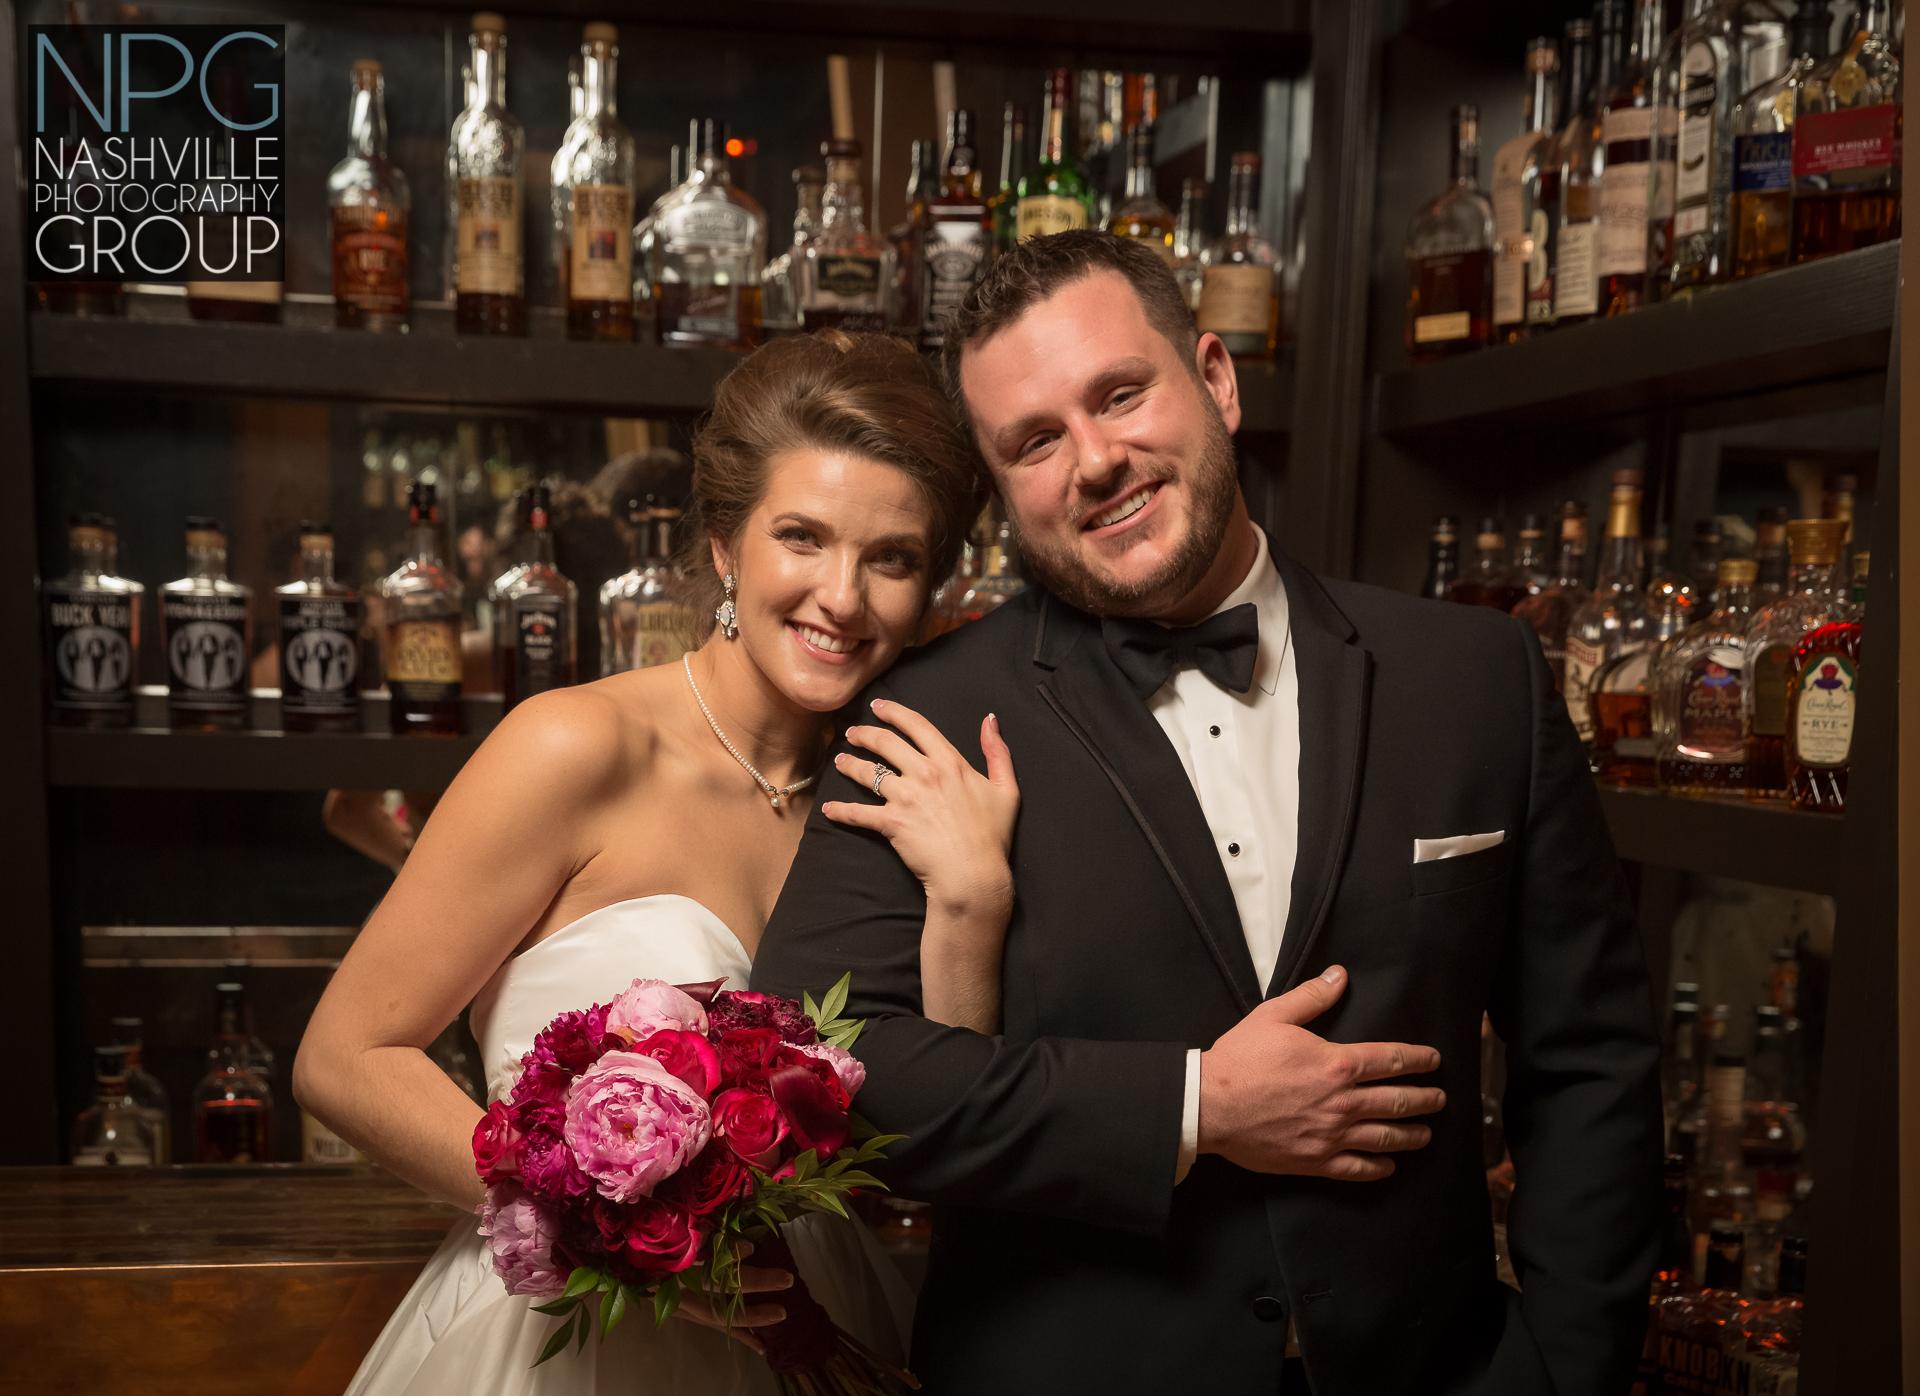 Nashville Photography Group wedding photographers-5.jpg